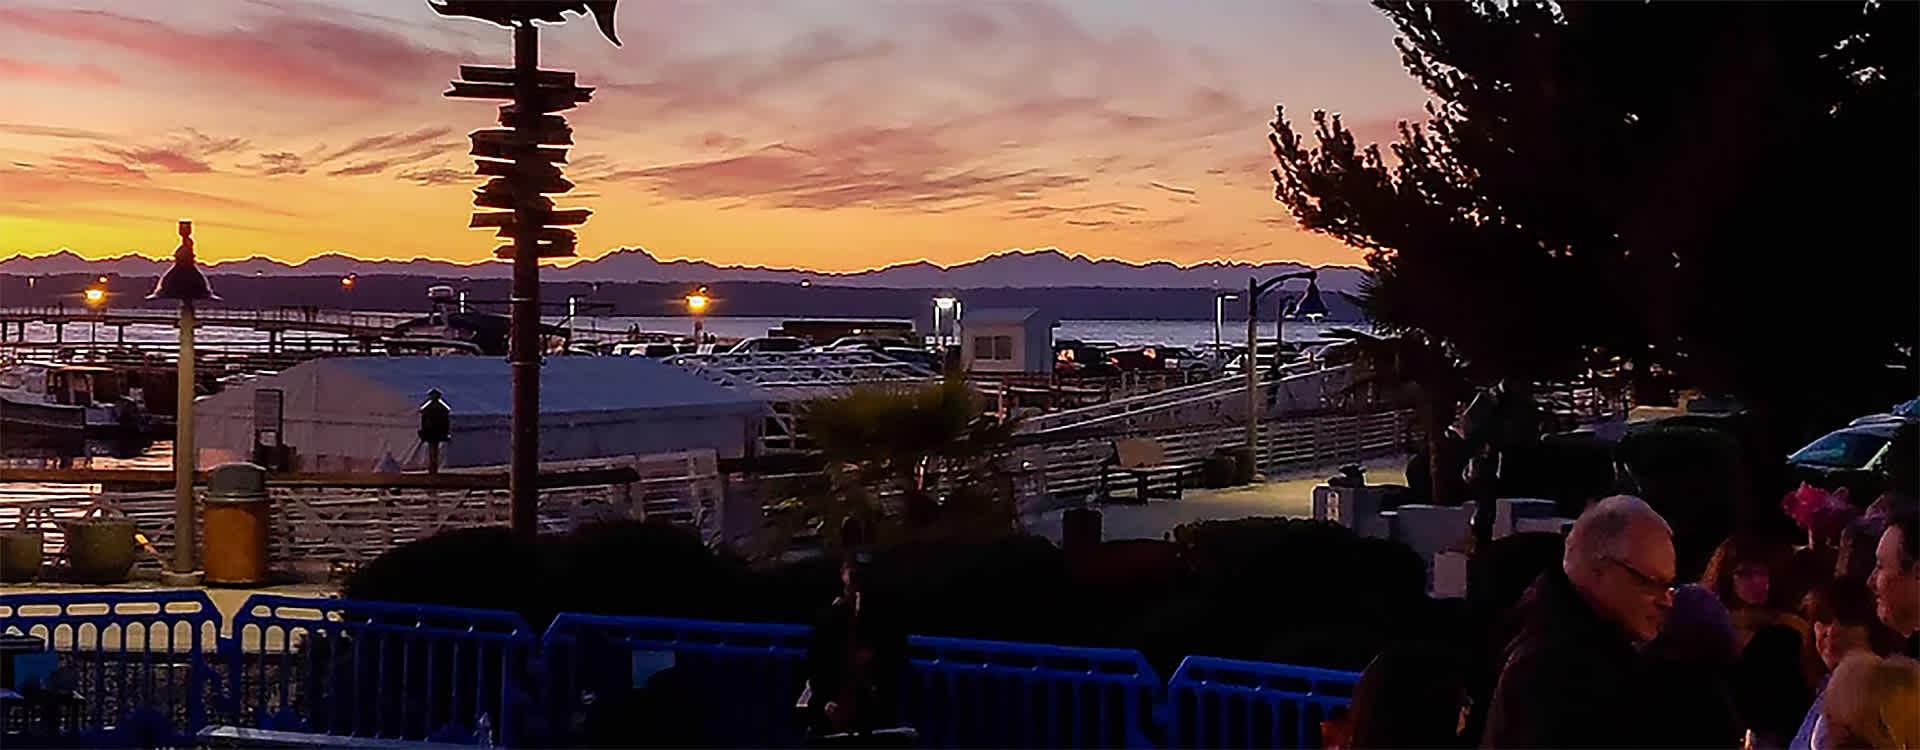 QuarterDeck Outside at Sunset